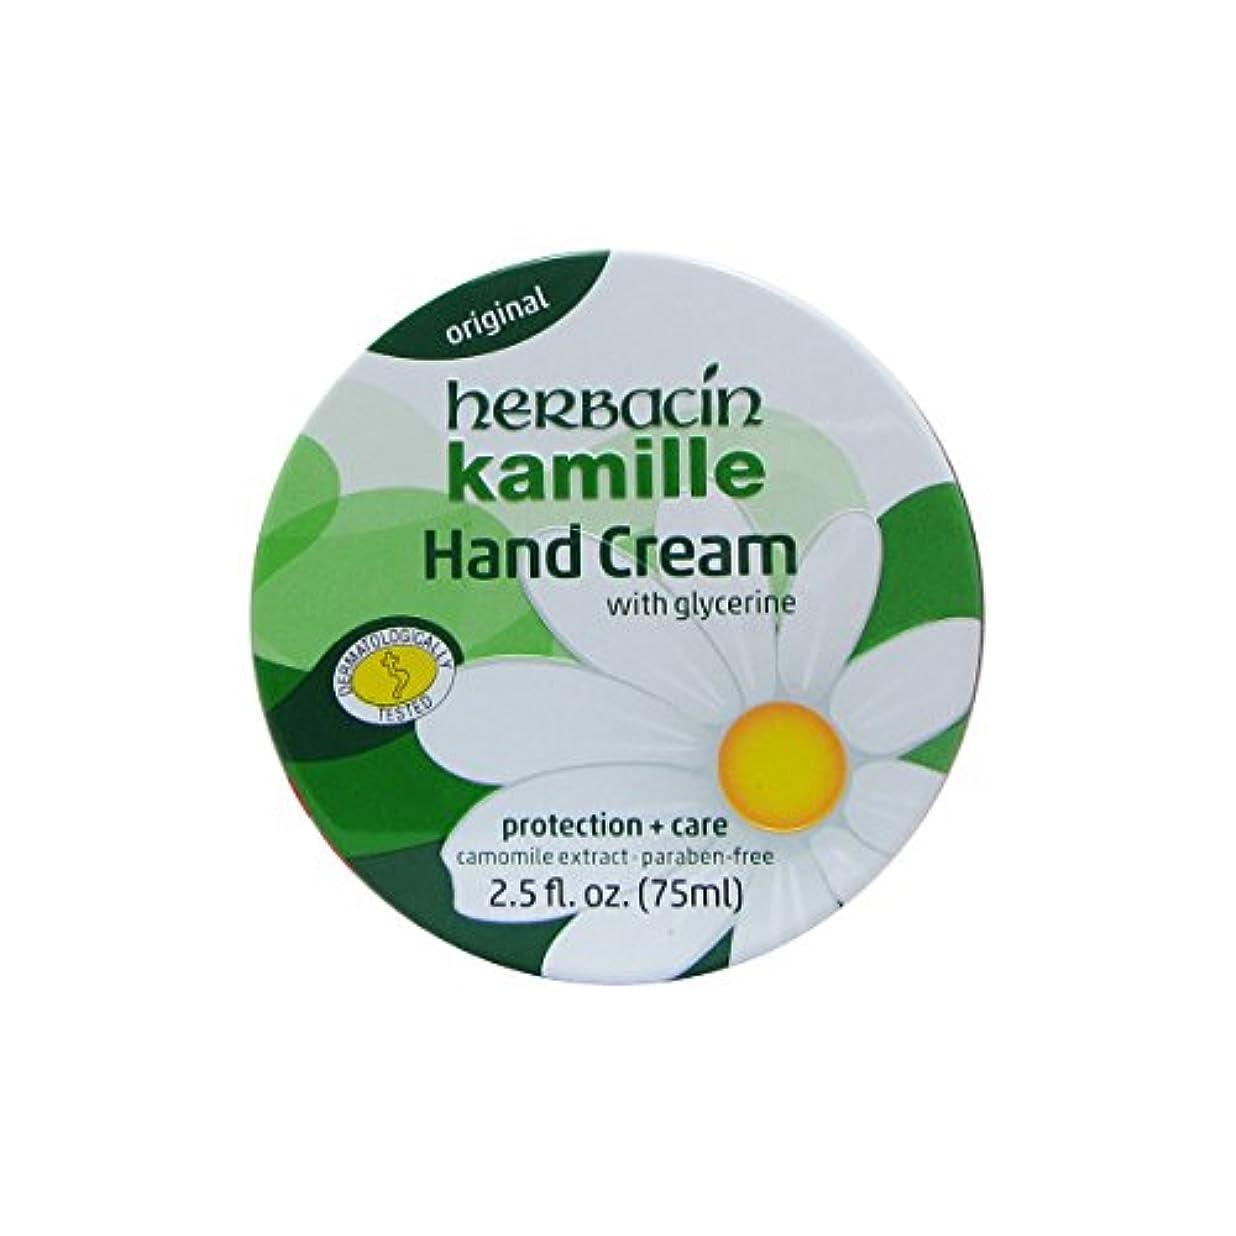 早熟ジェスチャートロリーHerbacin Wuta Kamille Hand Cream Tin 75ml [並行輸入品]